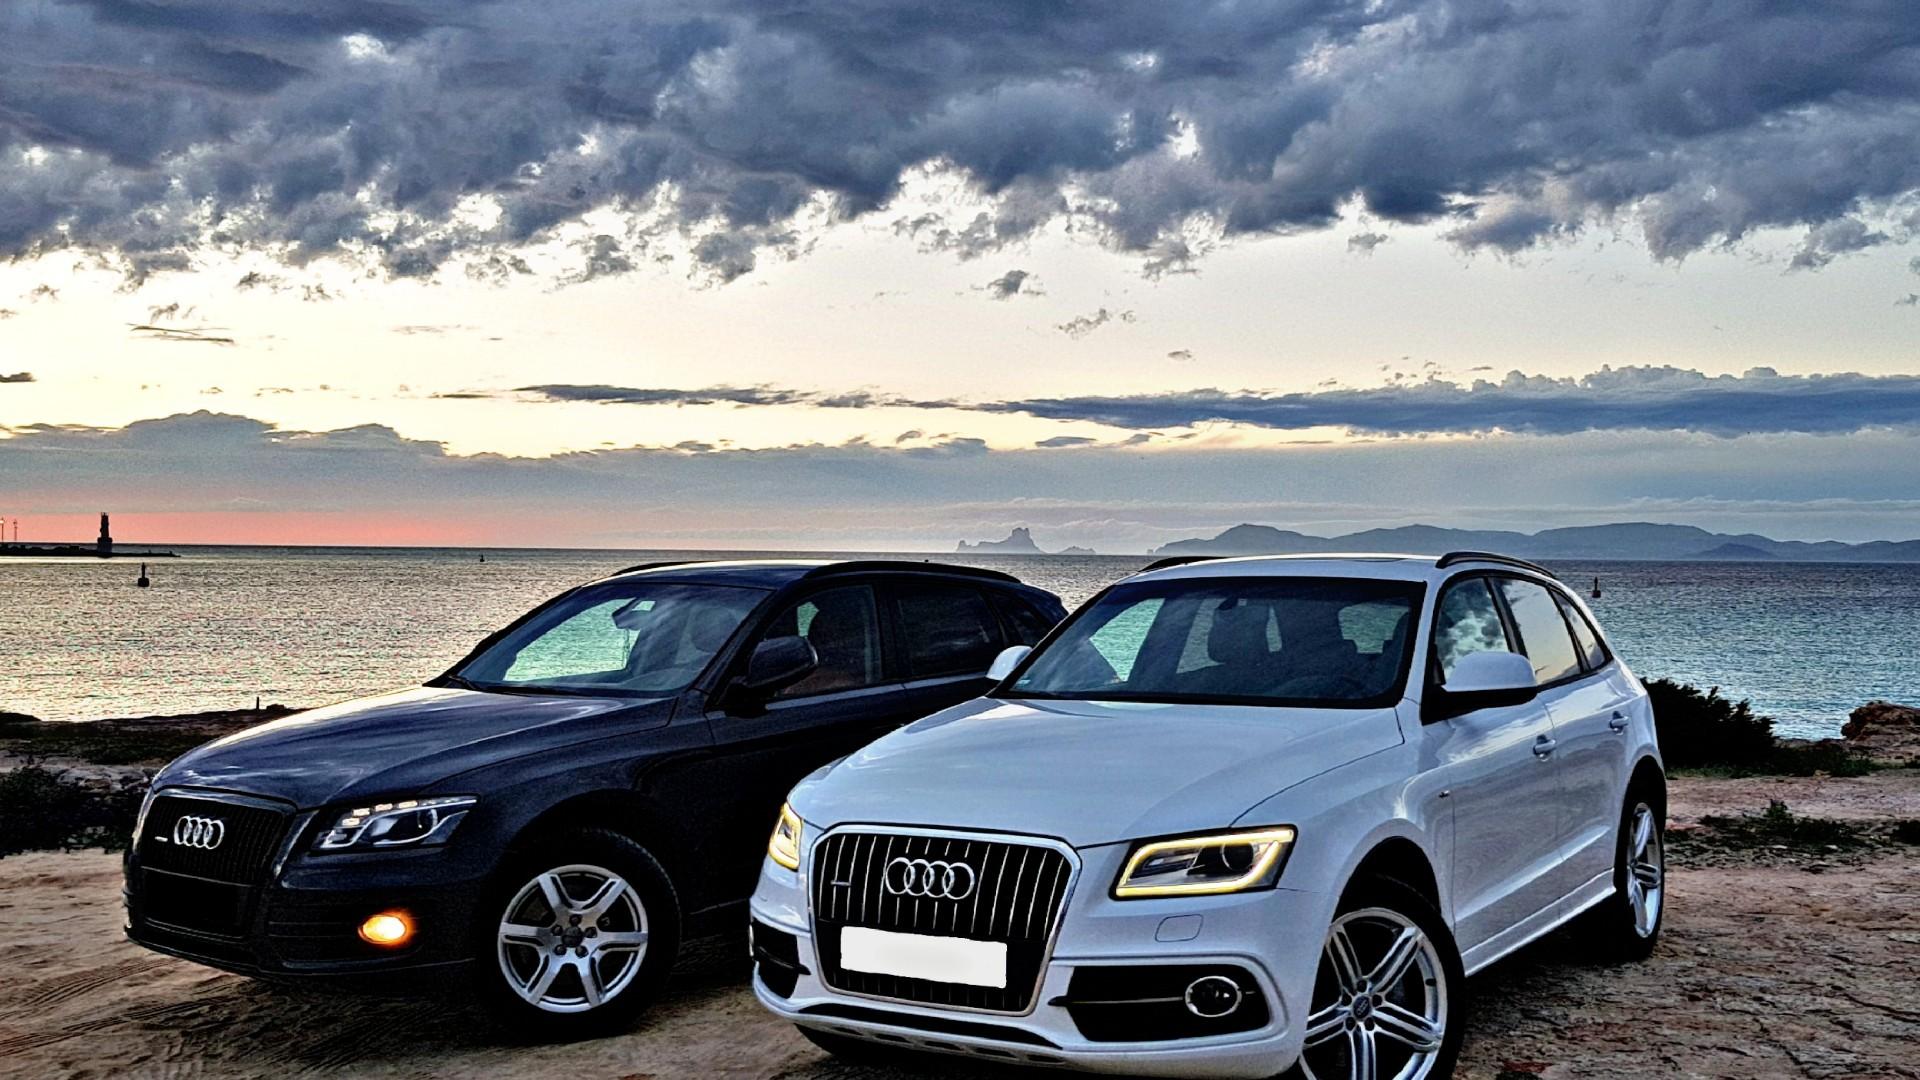 Audi Q5 Hd Wallpaper Audi Q5 2176489 Hd Wallpaper